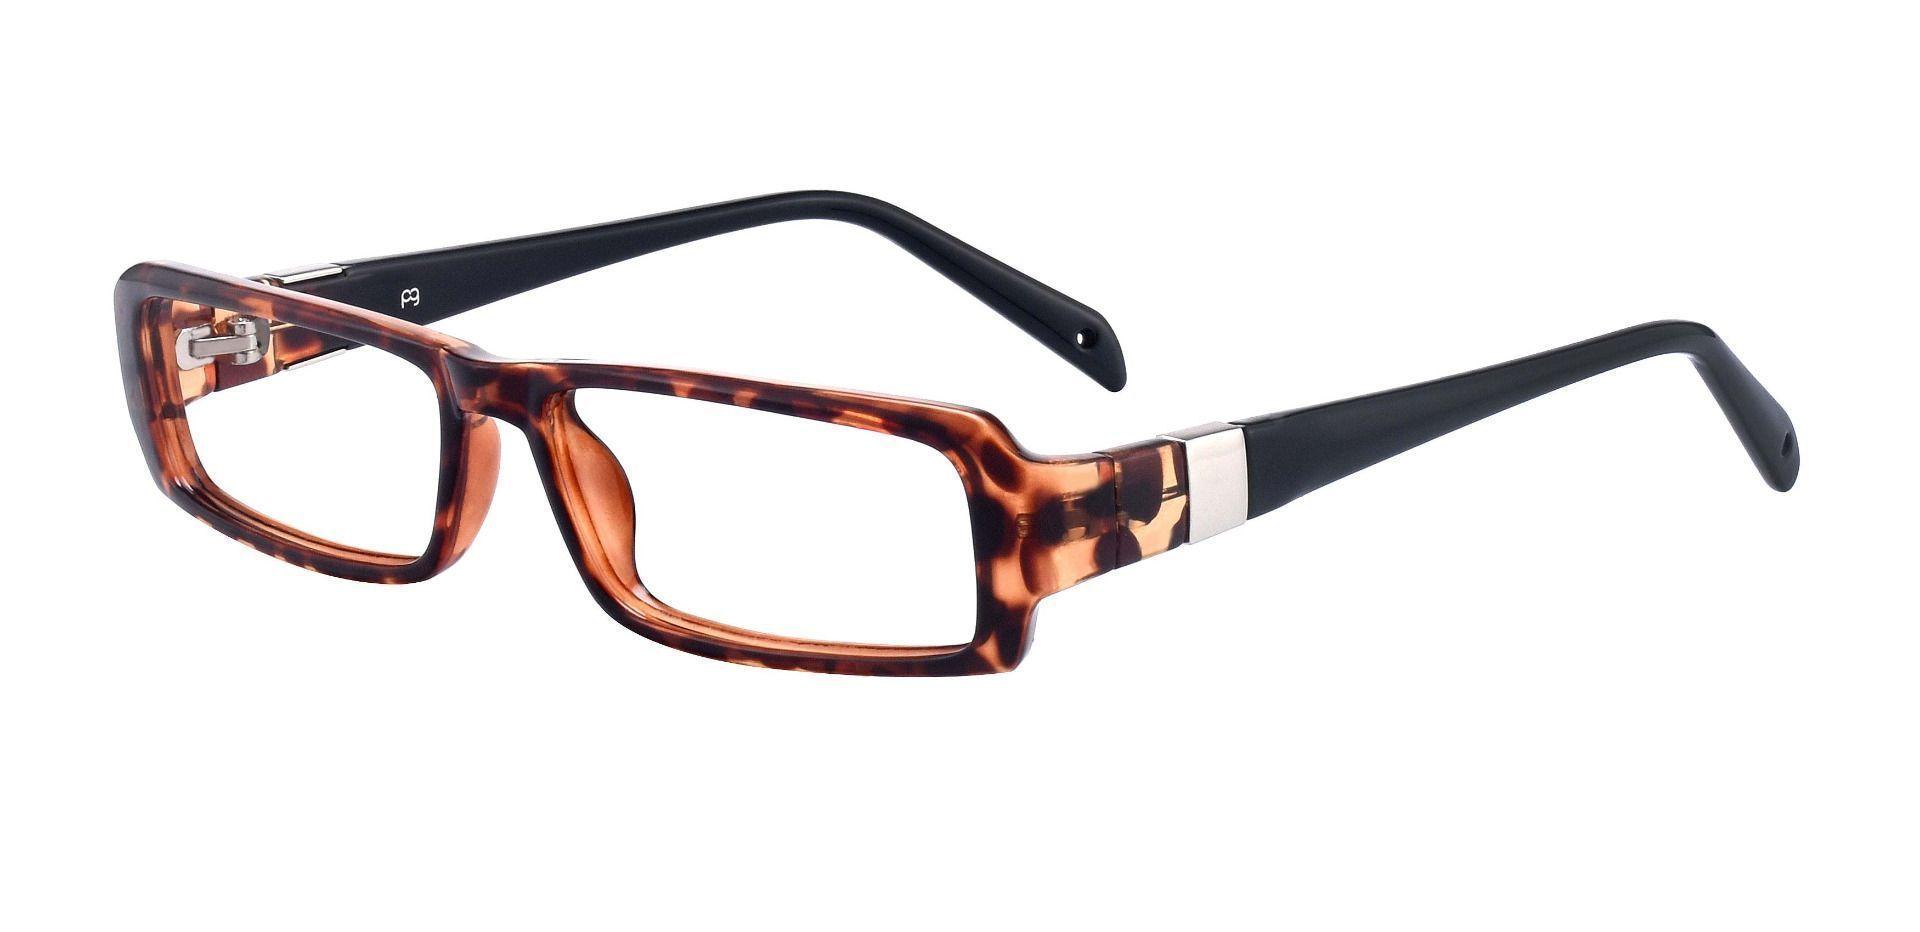 Teigen Rectangle Single Vision Glasses - Tortoiseshell